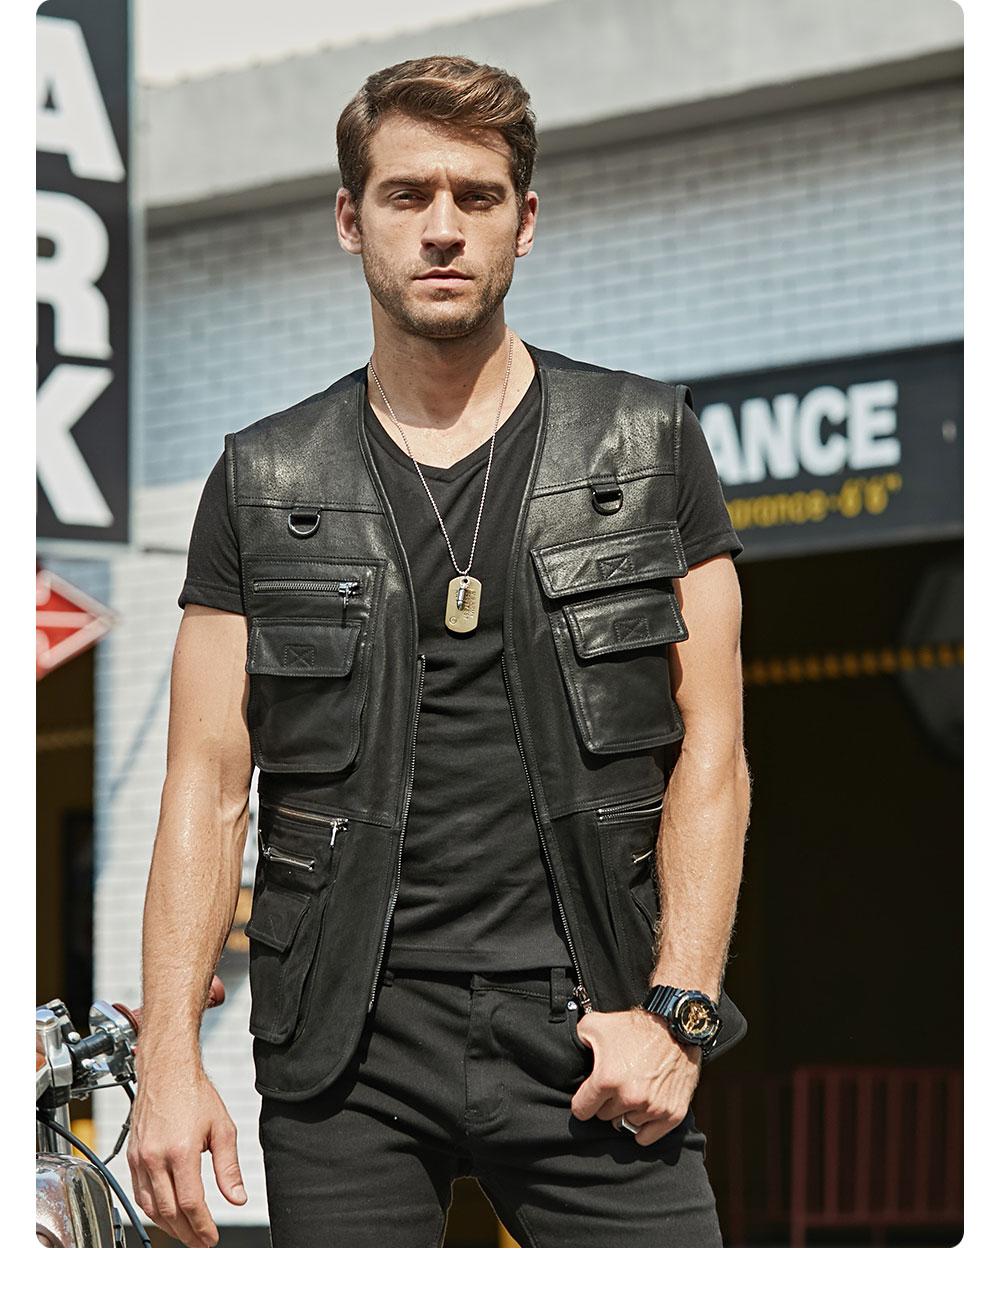 H3b24c4e7d7764b458b08ad253627f9d1L FLAVOR New Men's Real Leather Vest Men's Motorcycle Fishing Outdoor Travel Vests